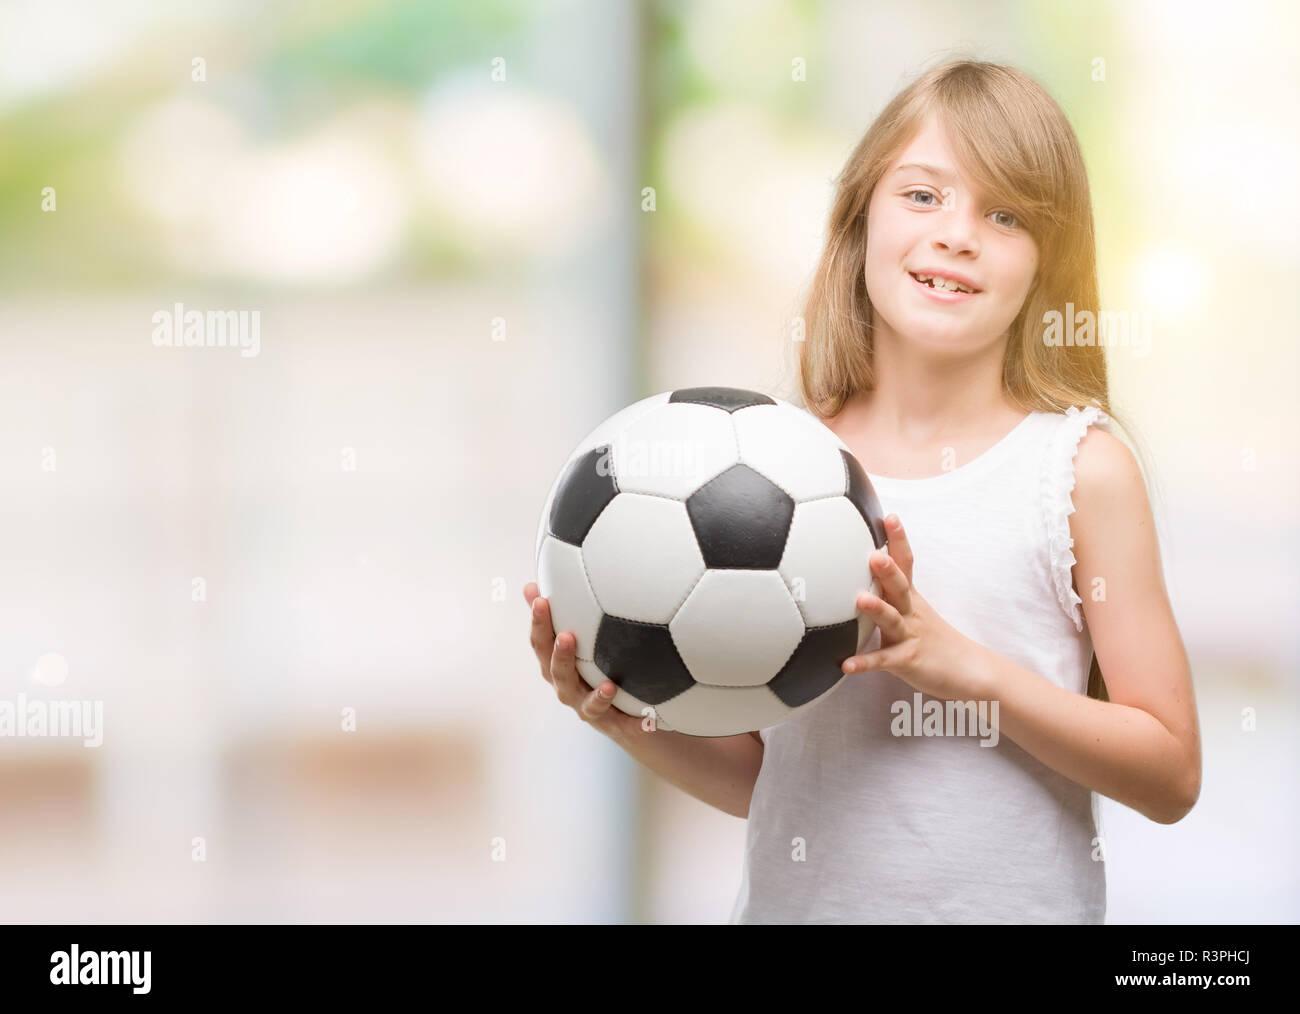 Joven rubia niño sosteniendo la bola de fútbol con una cara feliz y  sonriente permanente con e97e4d03478